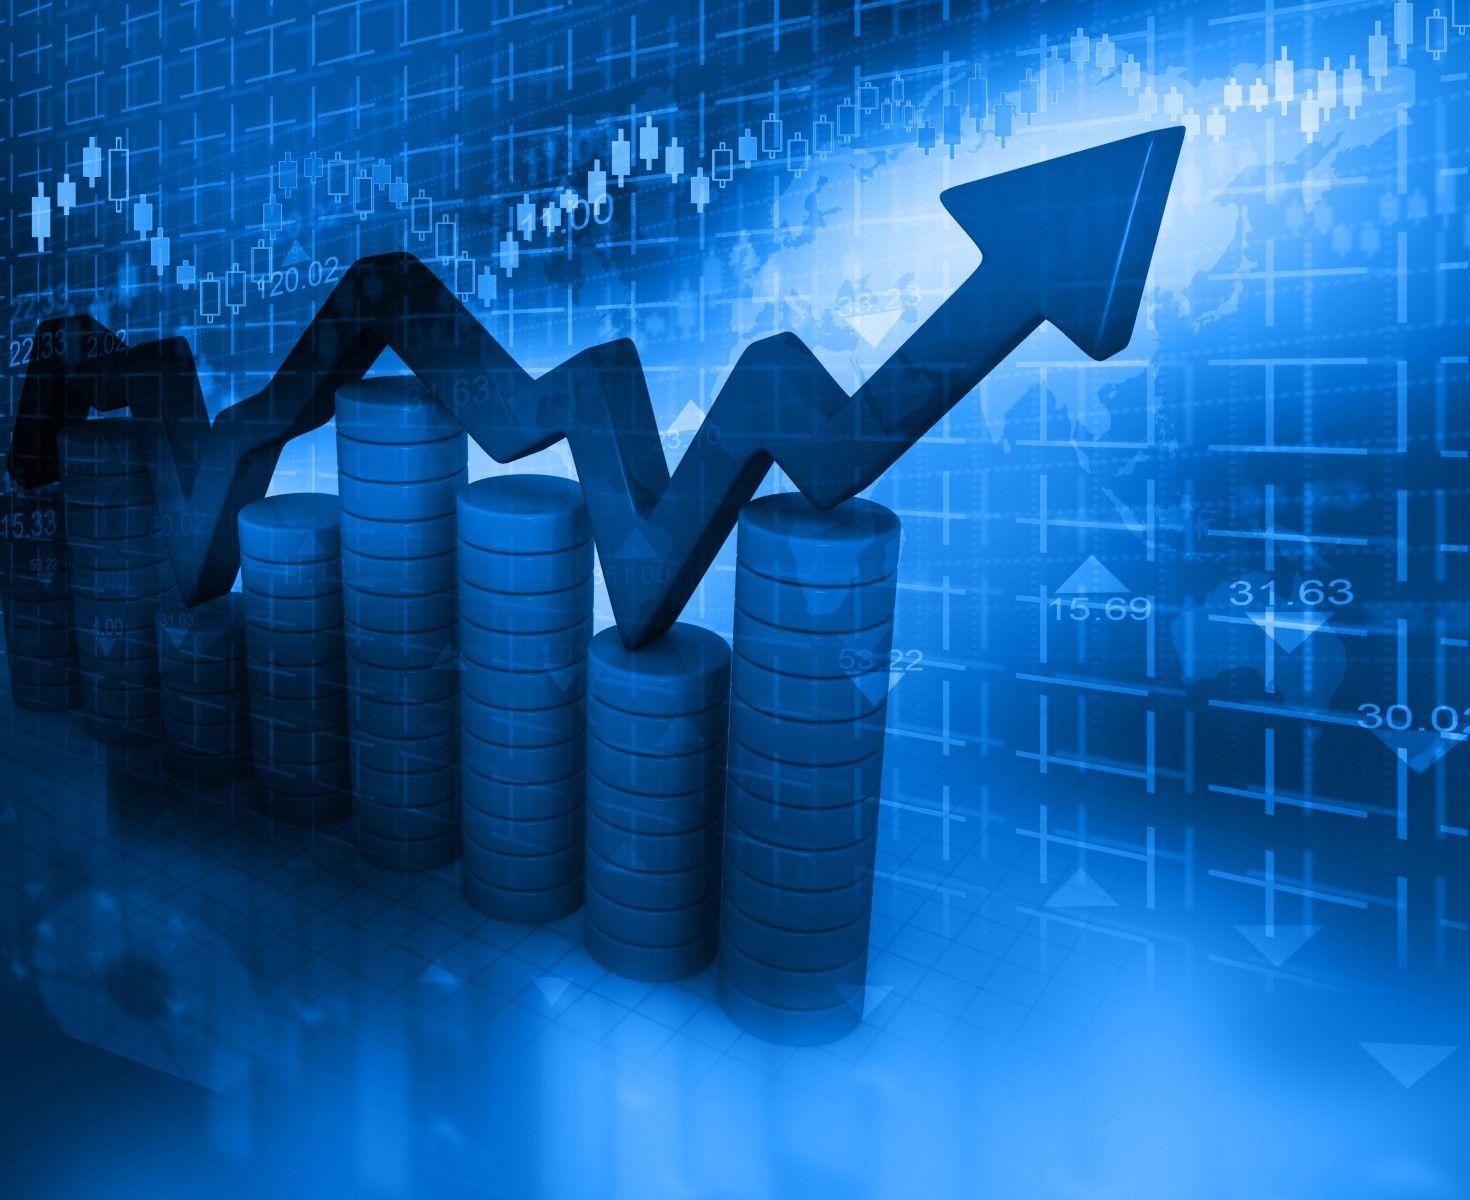 Какие сферы экономики восстановятся быстрее всех после пандемии?